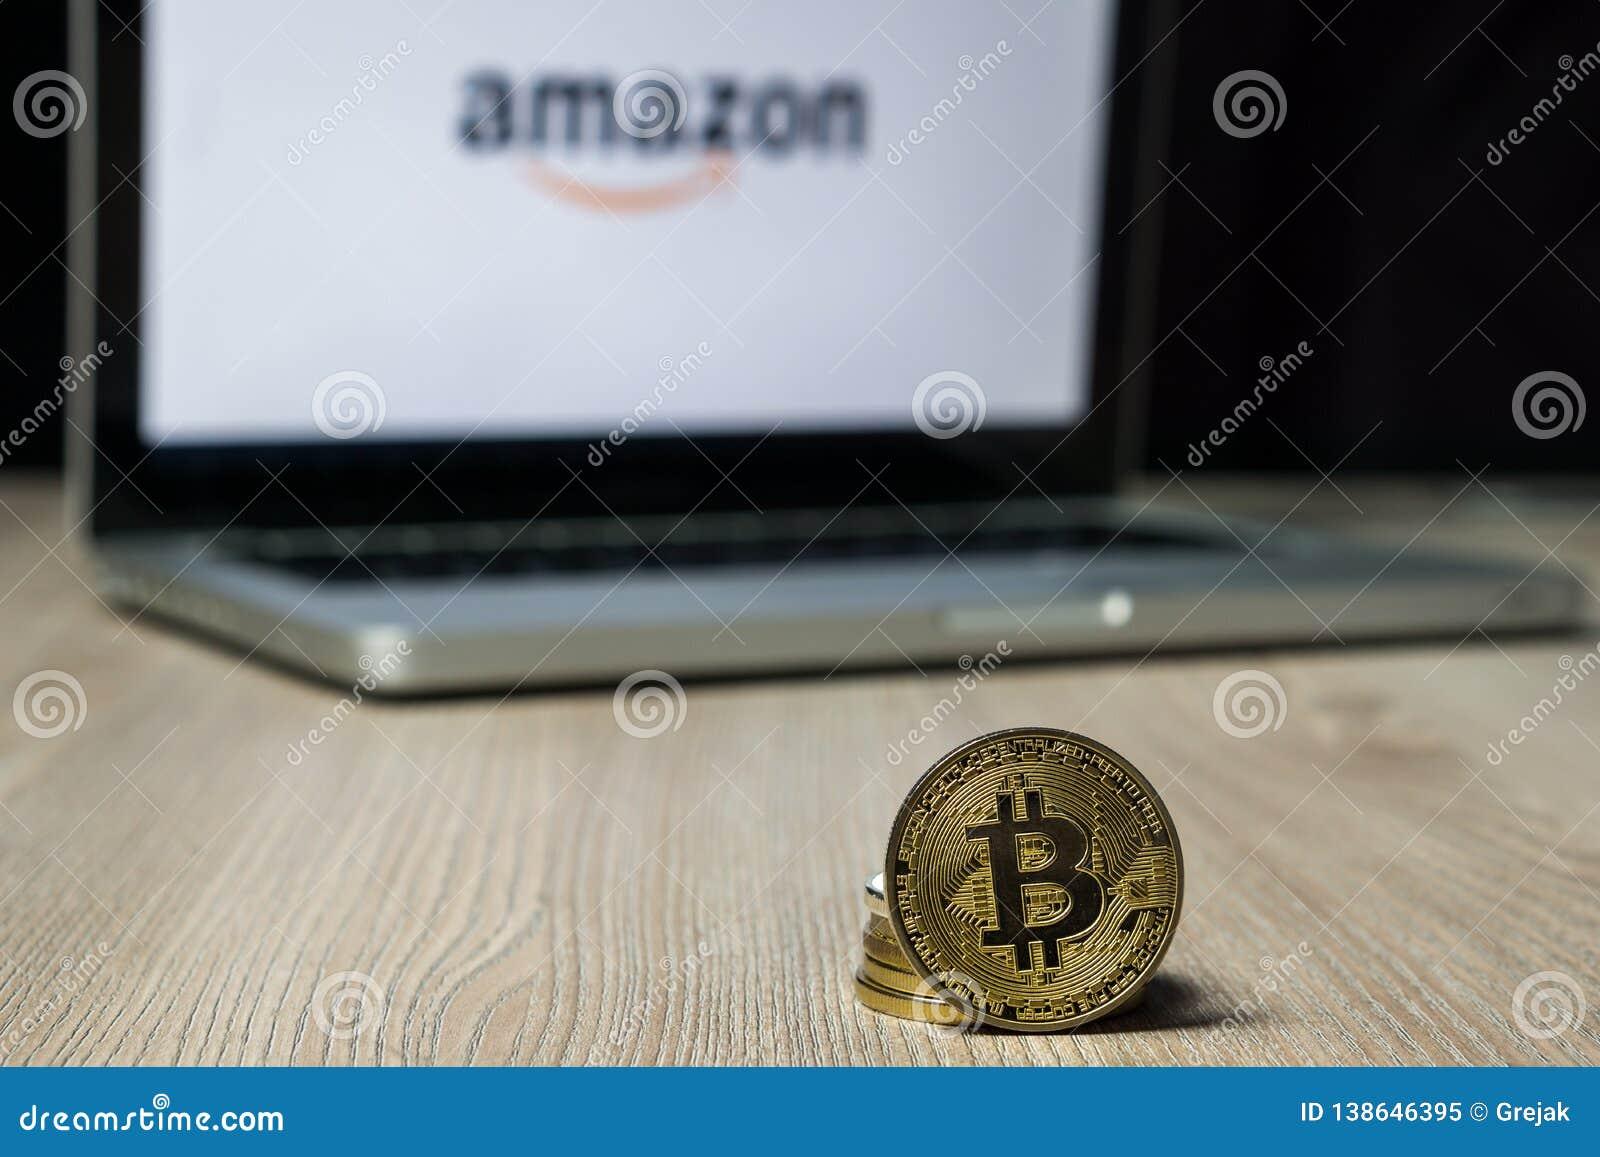 Moneda con el logotipo del Amazonas en una pantalla del ordenador portátil, Eslovenia de Bitcoin - 23 de diciembre de 2018